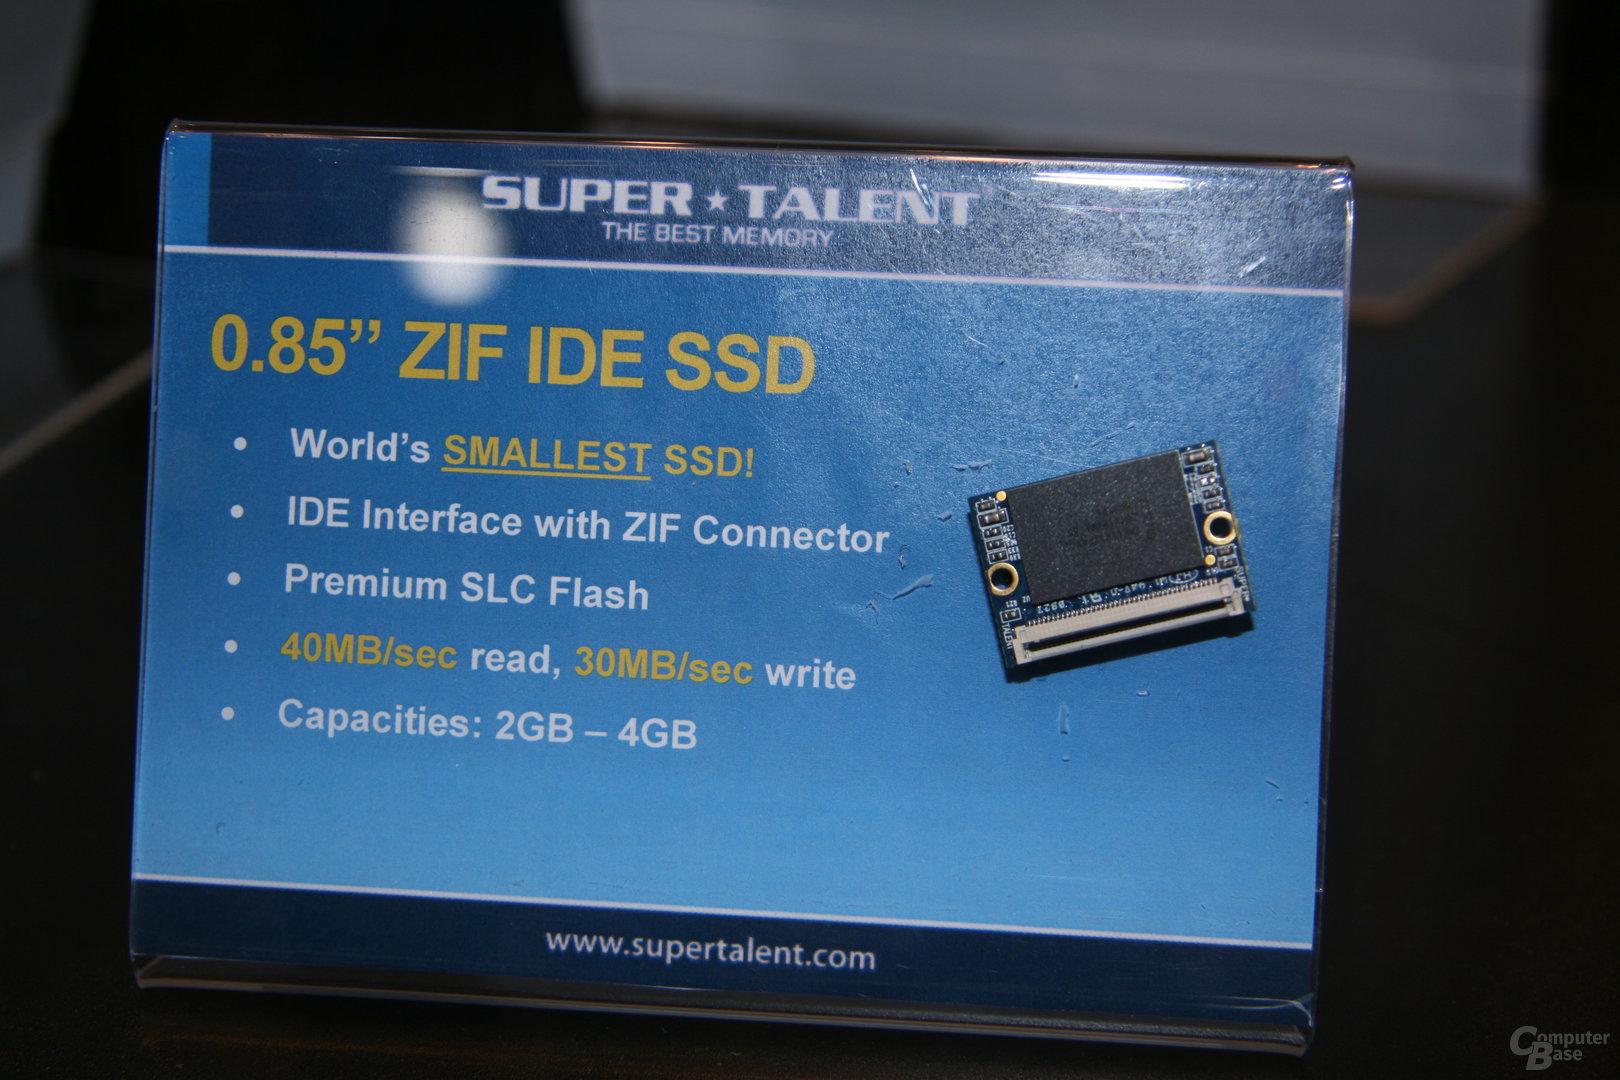 Super Talent auf der CES 2009: Worlds smallest SSD